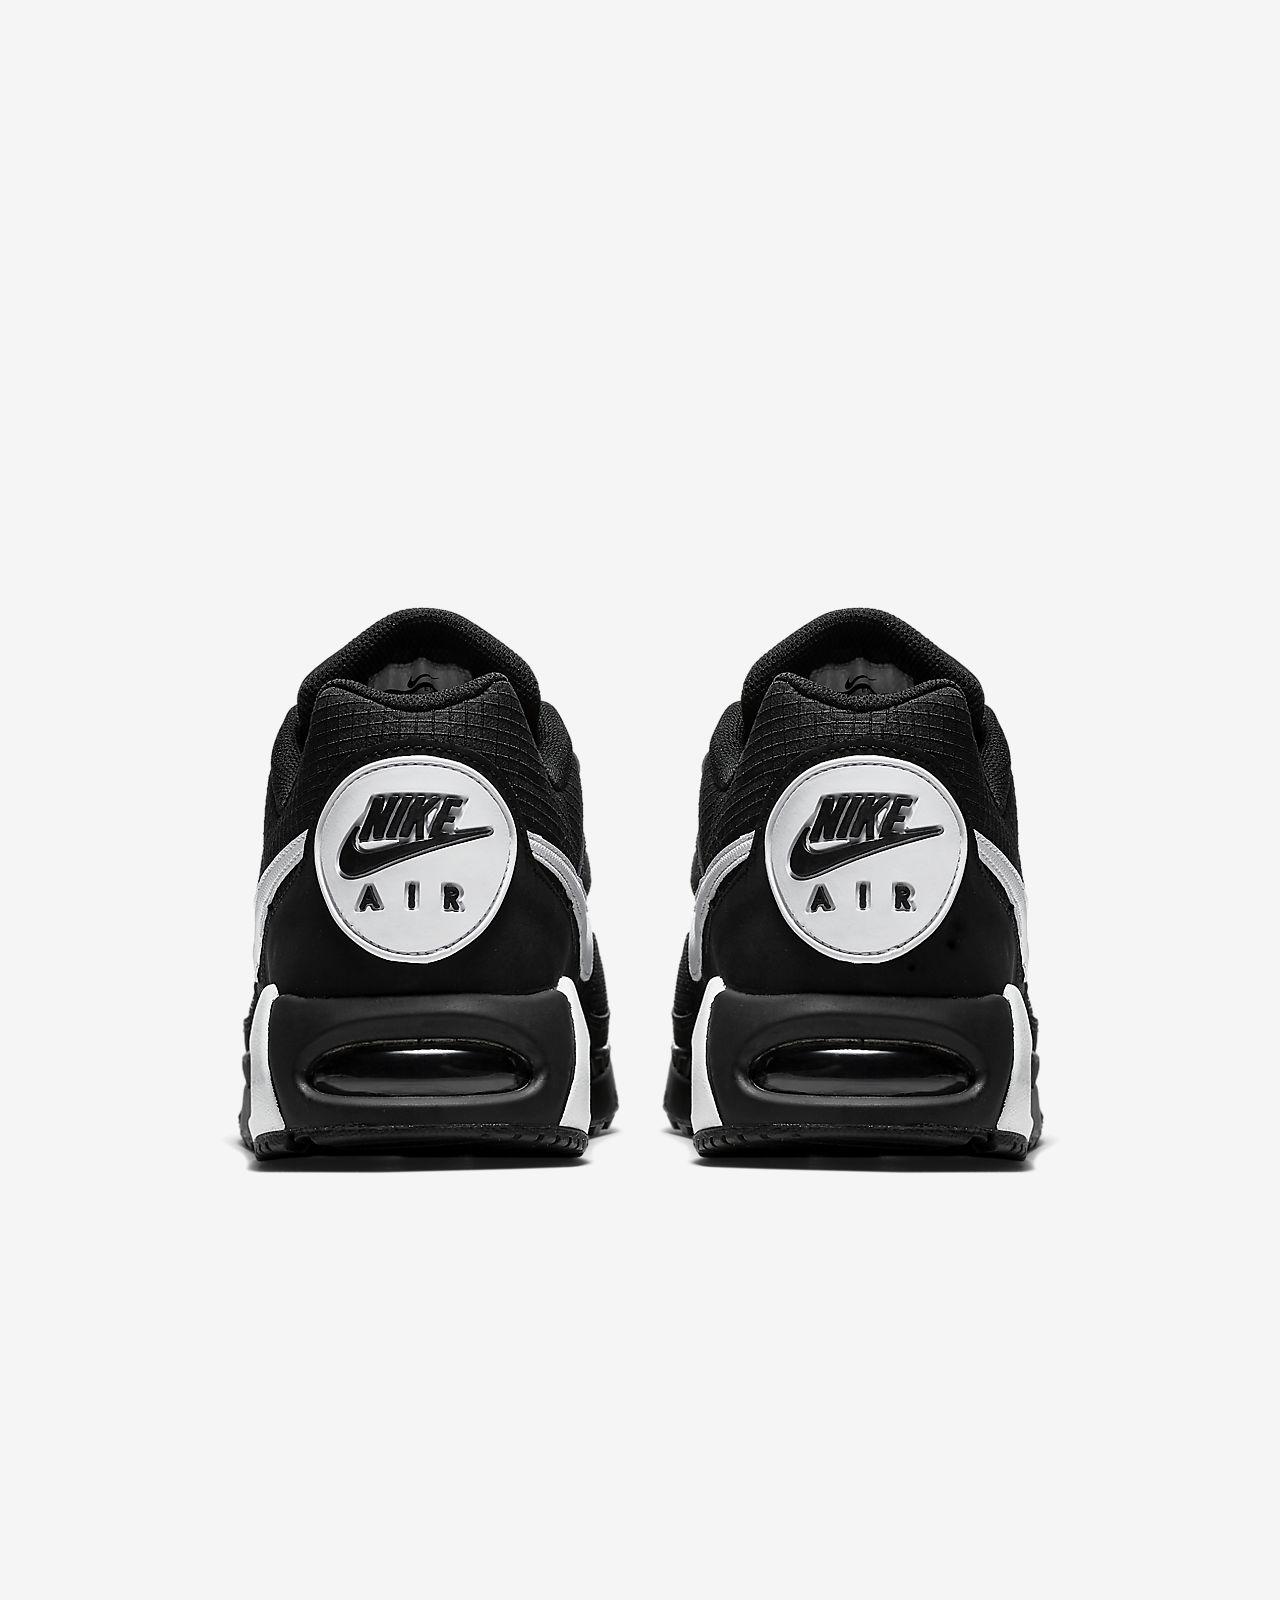 Exklusiv Nike Air Max 90 Essential SchwarzSchwarzWeiß